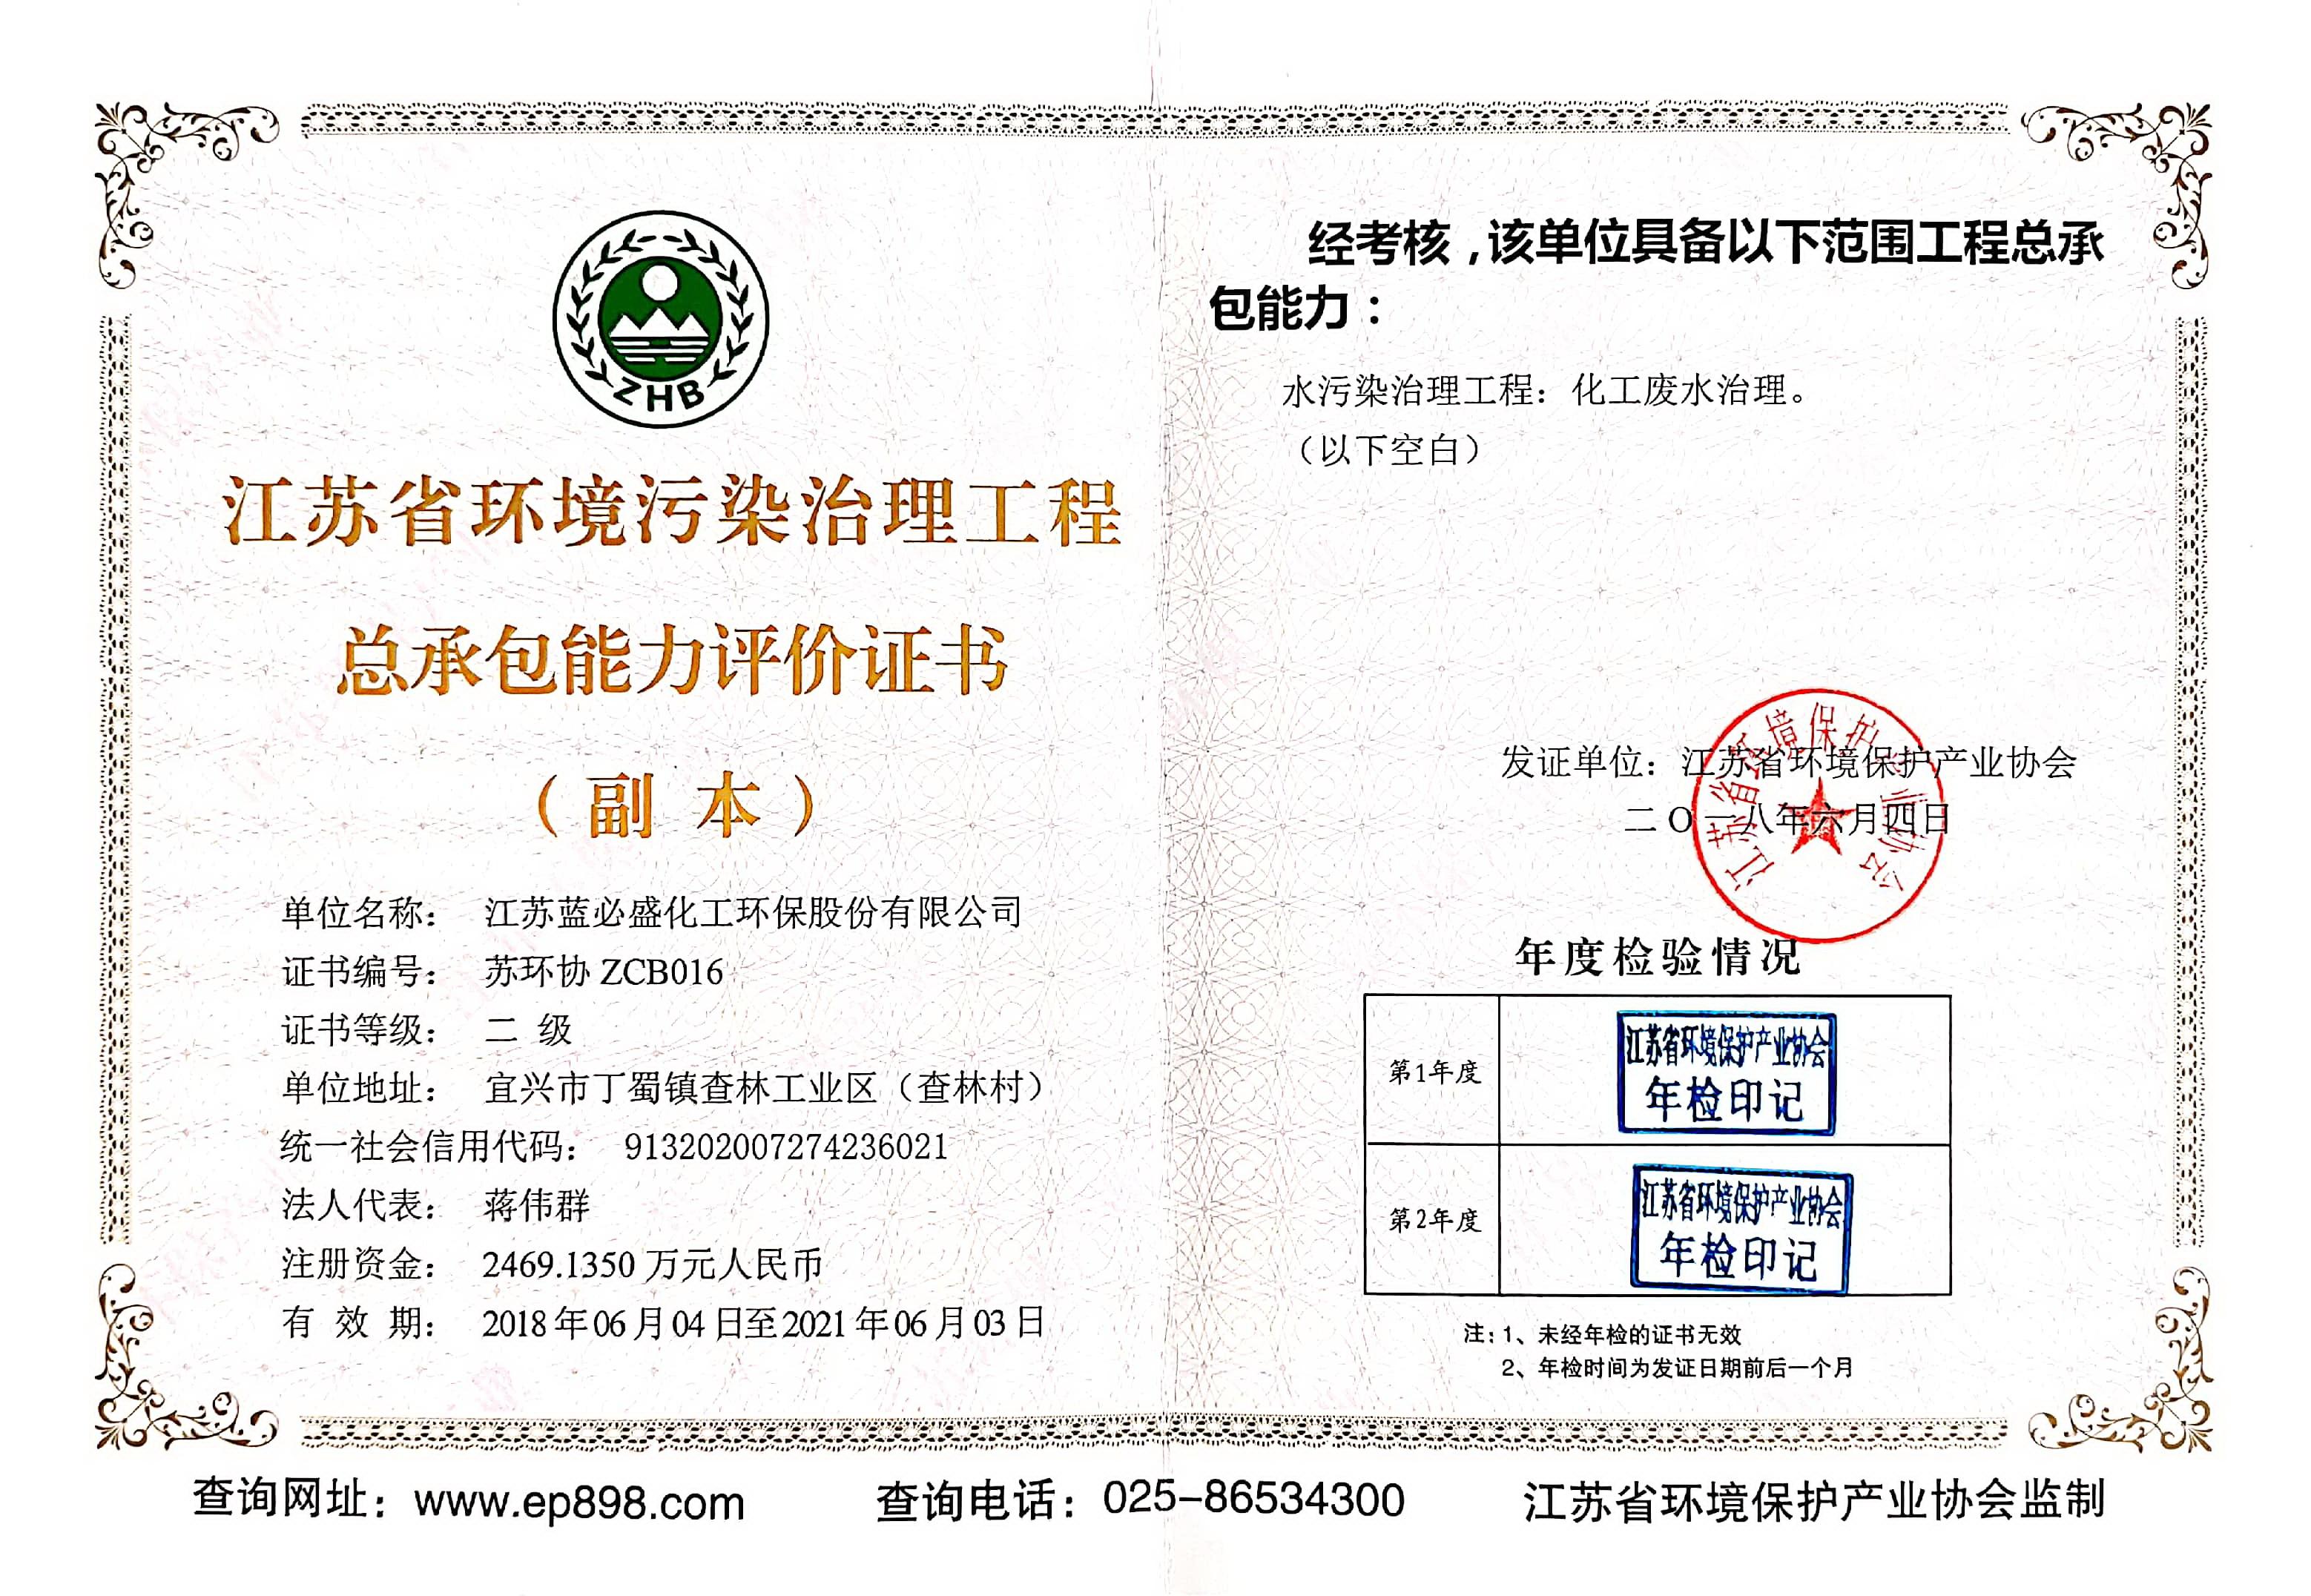 蓝必盛-环境管理体系认证证书